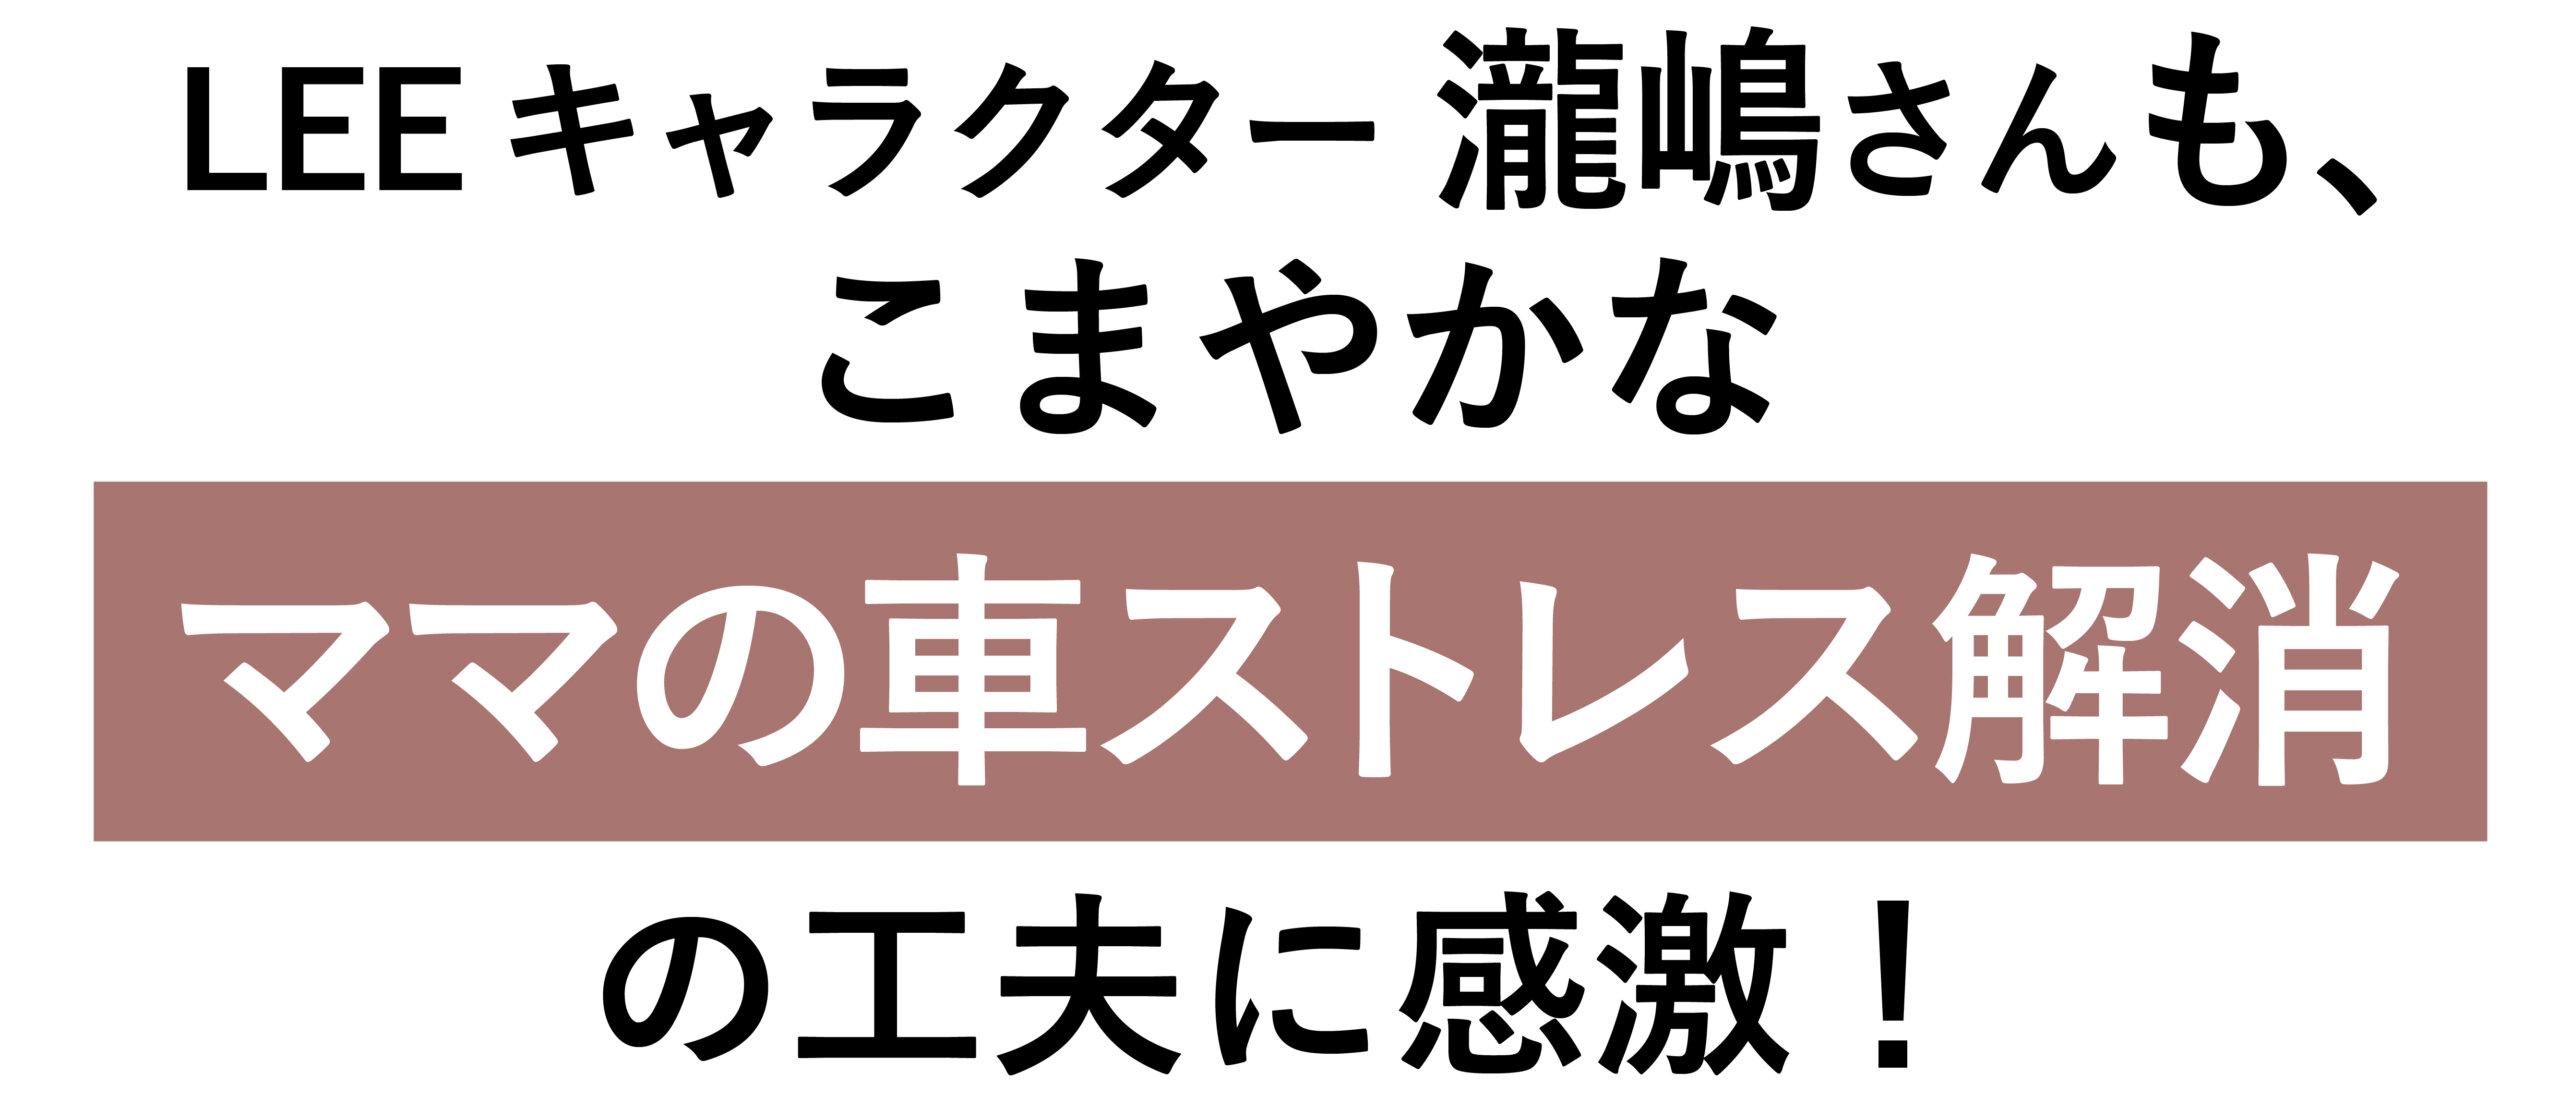 LEEキャラクター・瀧嶋さんも、 こまやかな「ママの車ストレス解消」の工夫に感激!